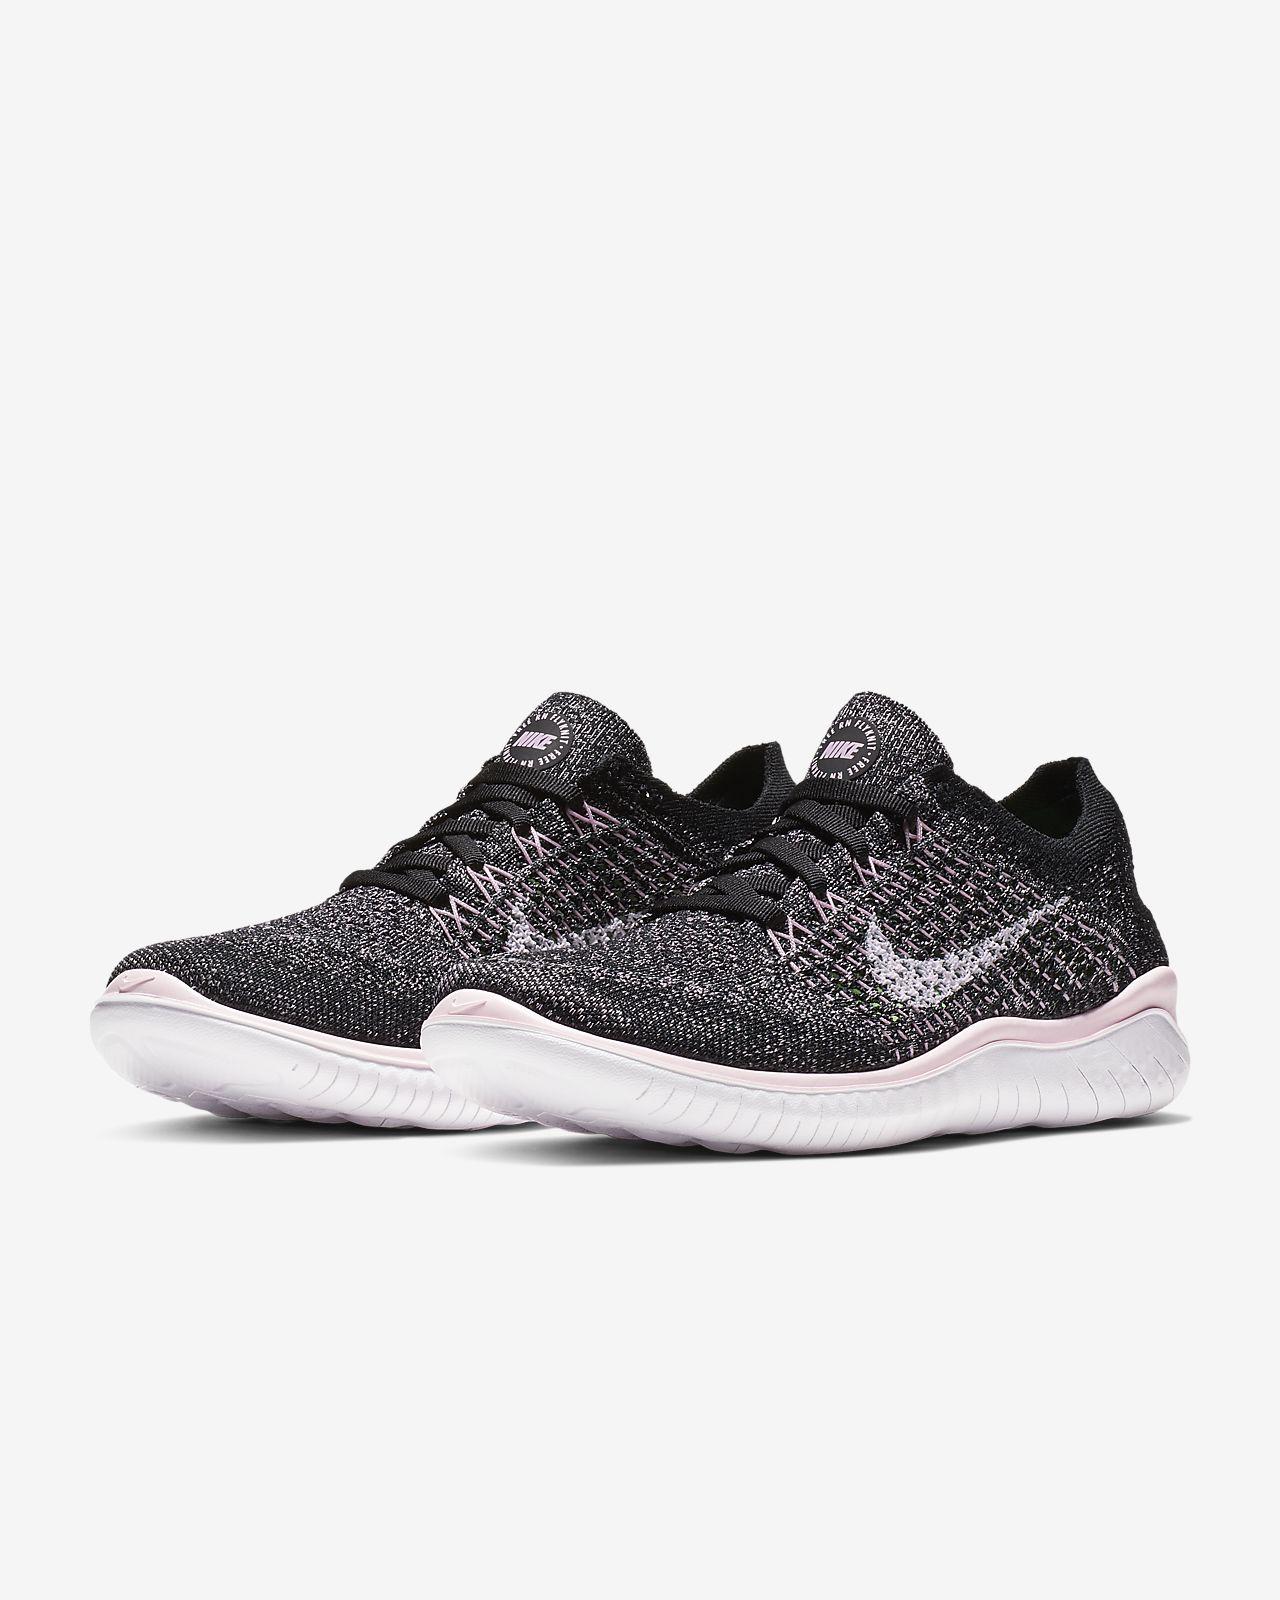 228f1a044a Nike Free RN Flyknit 2018 Women's Running Shoe. Nike.com